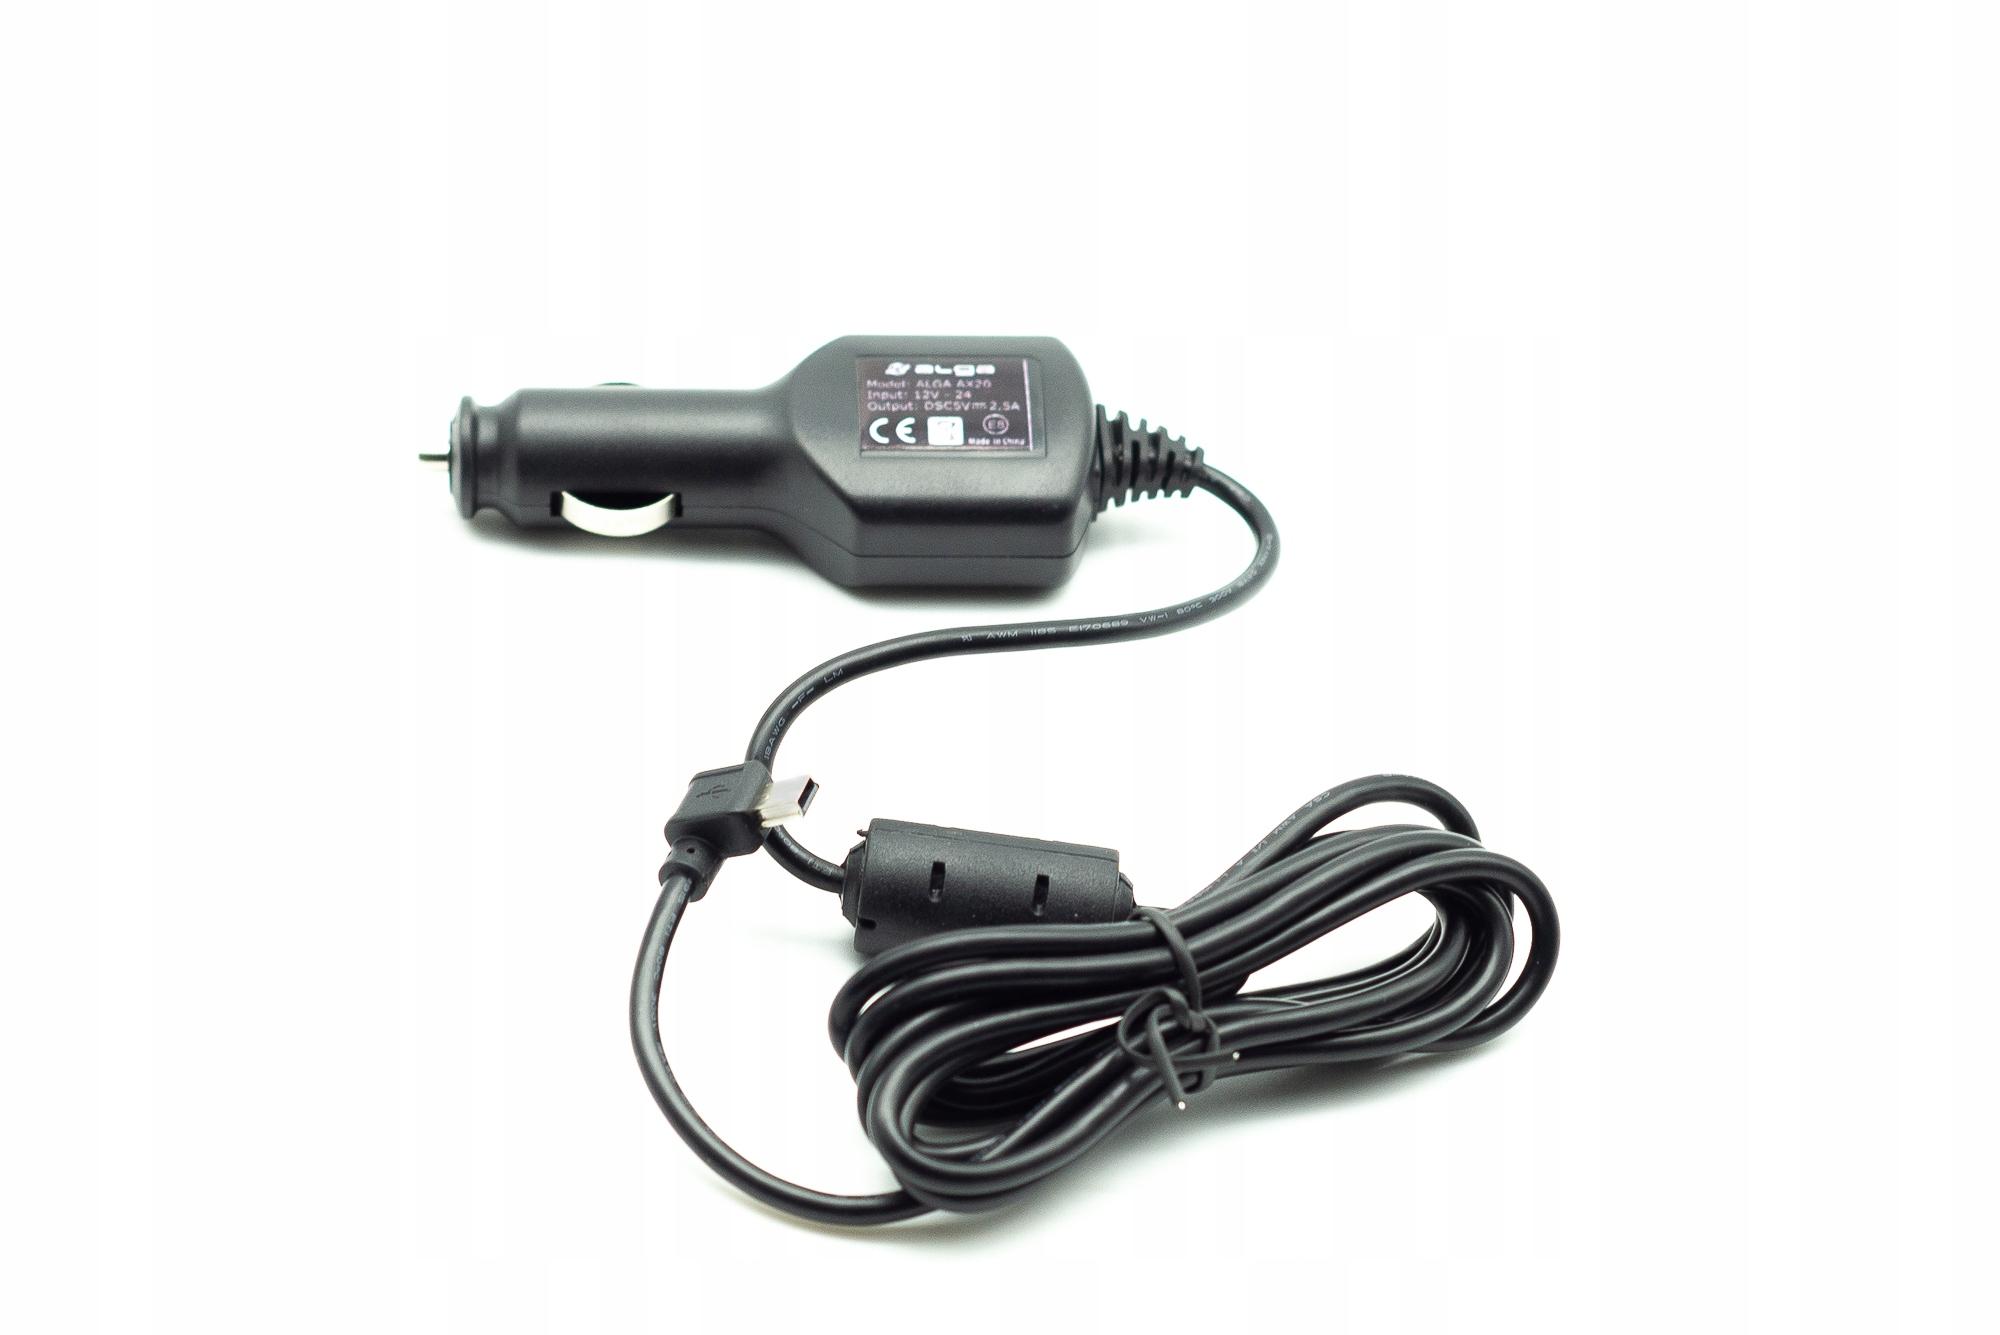 ŁADOWARKA SAMOCHODOWA Z FILTREM. MINI USB 5V 2.5A. Model AX20